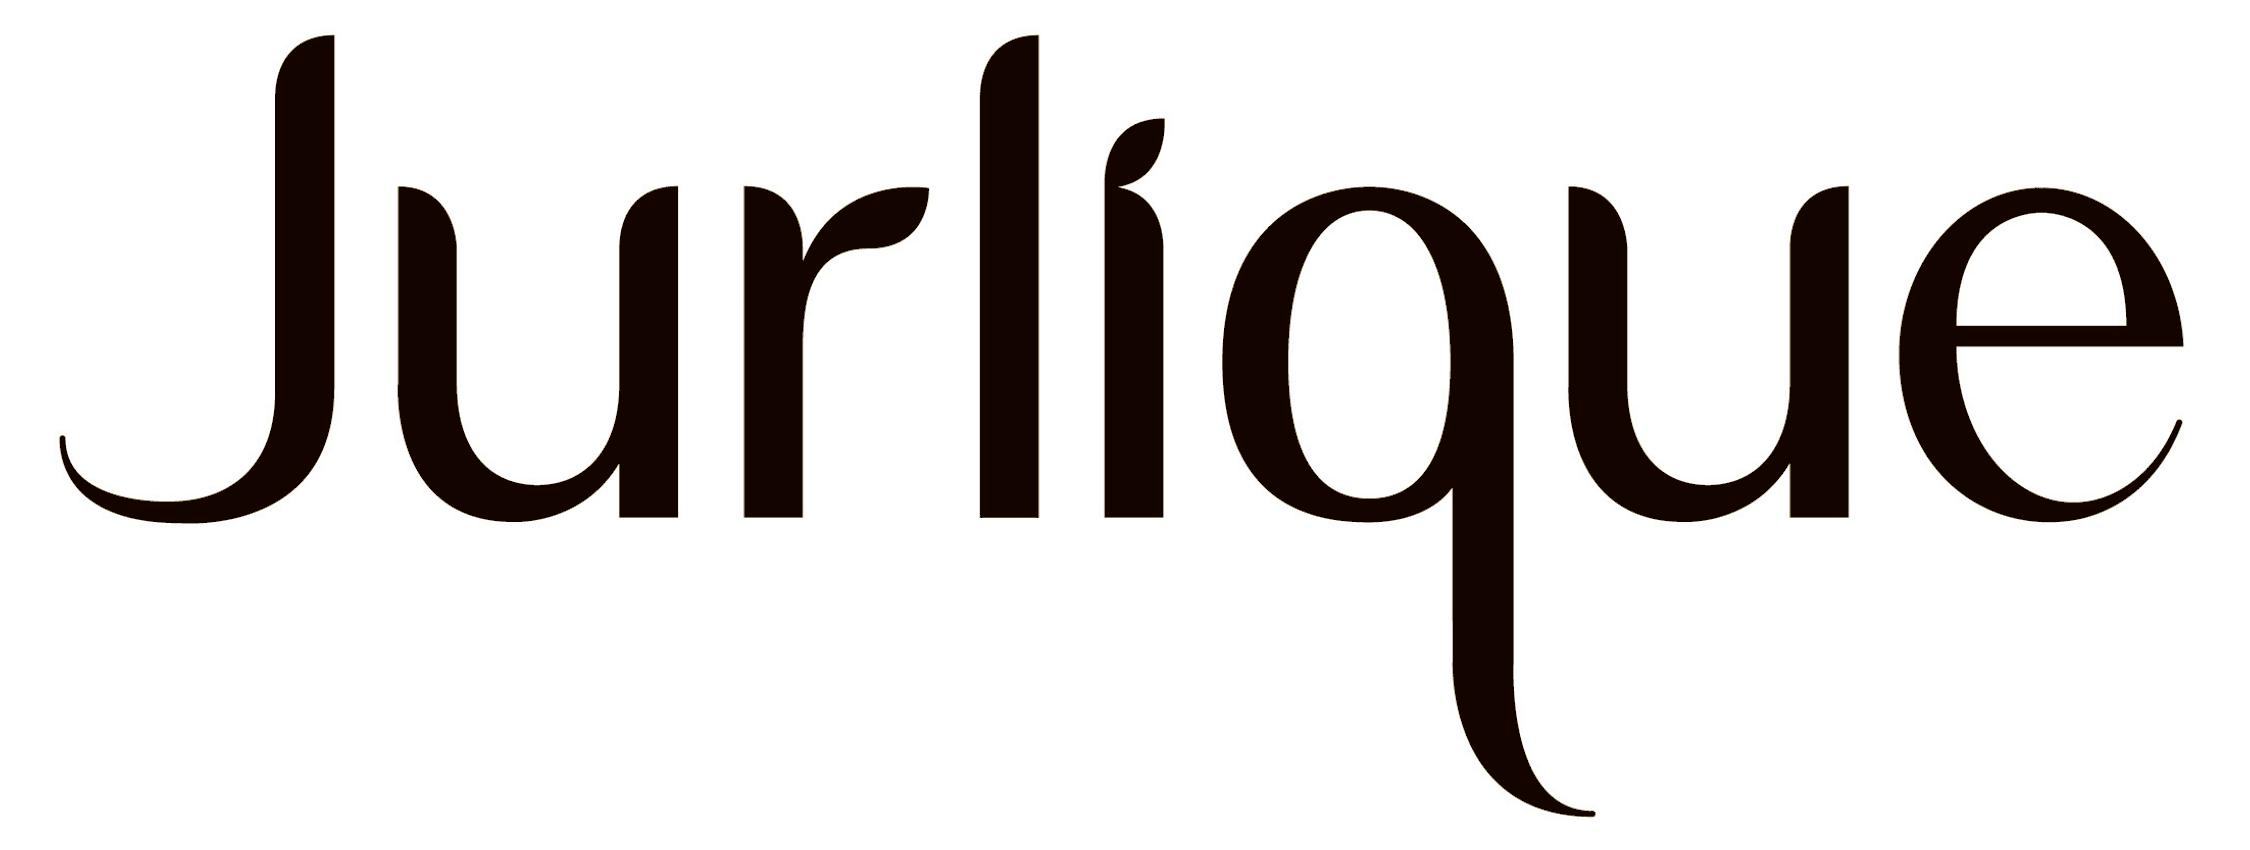 Jurlique_logo.png